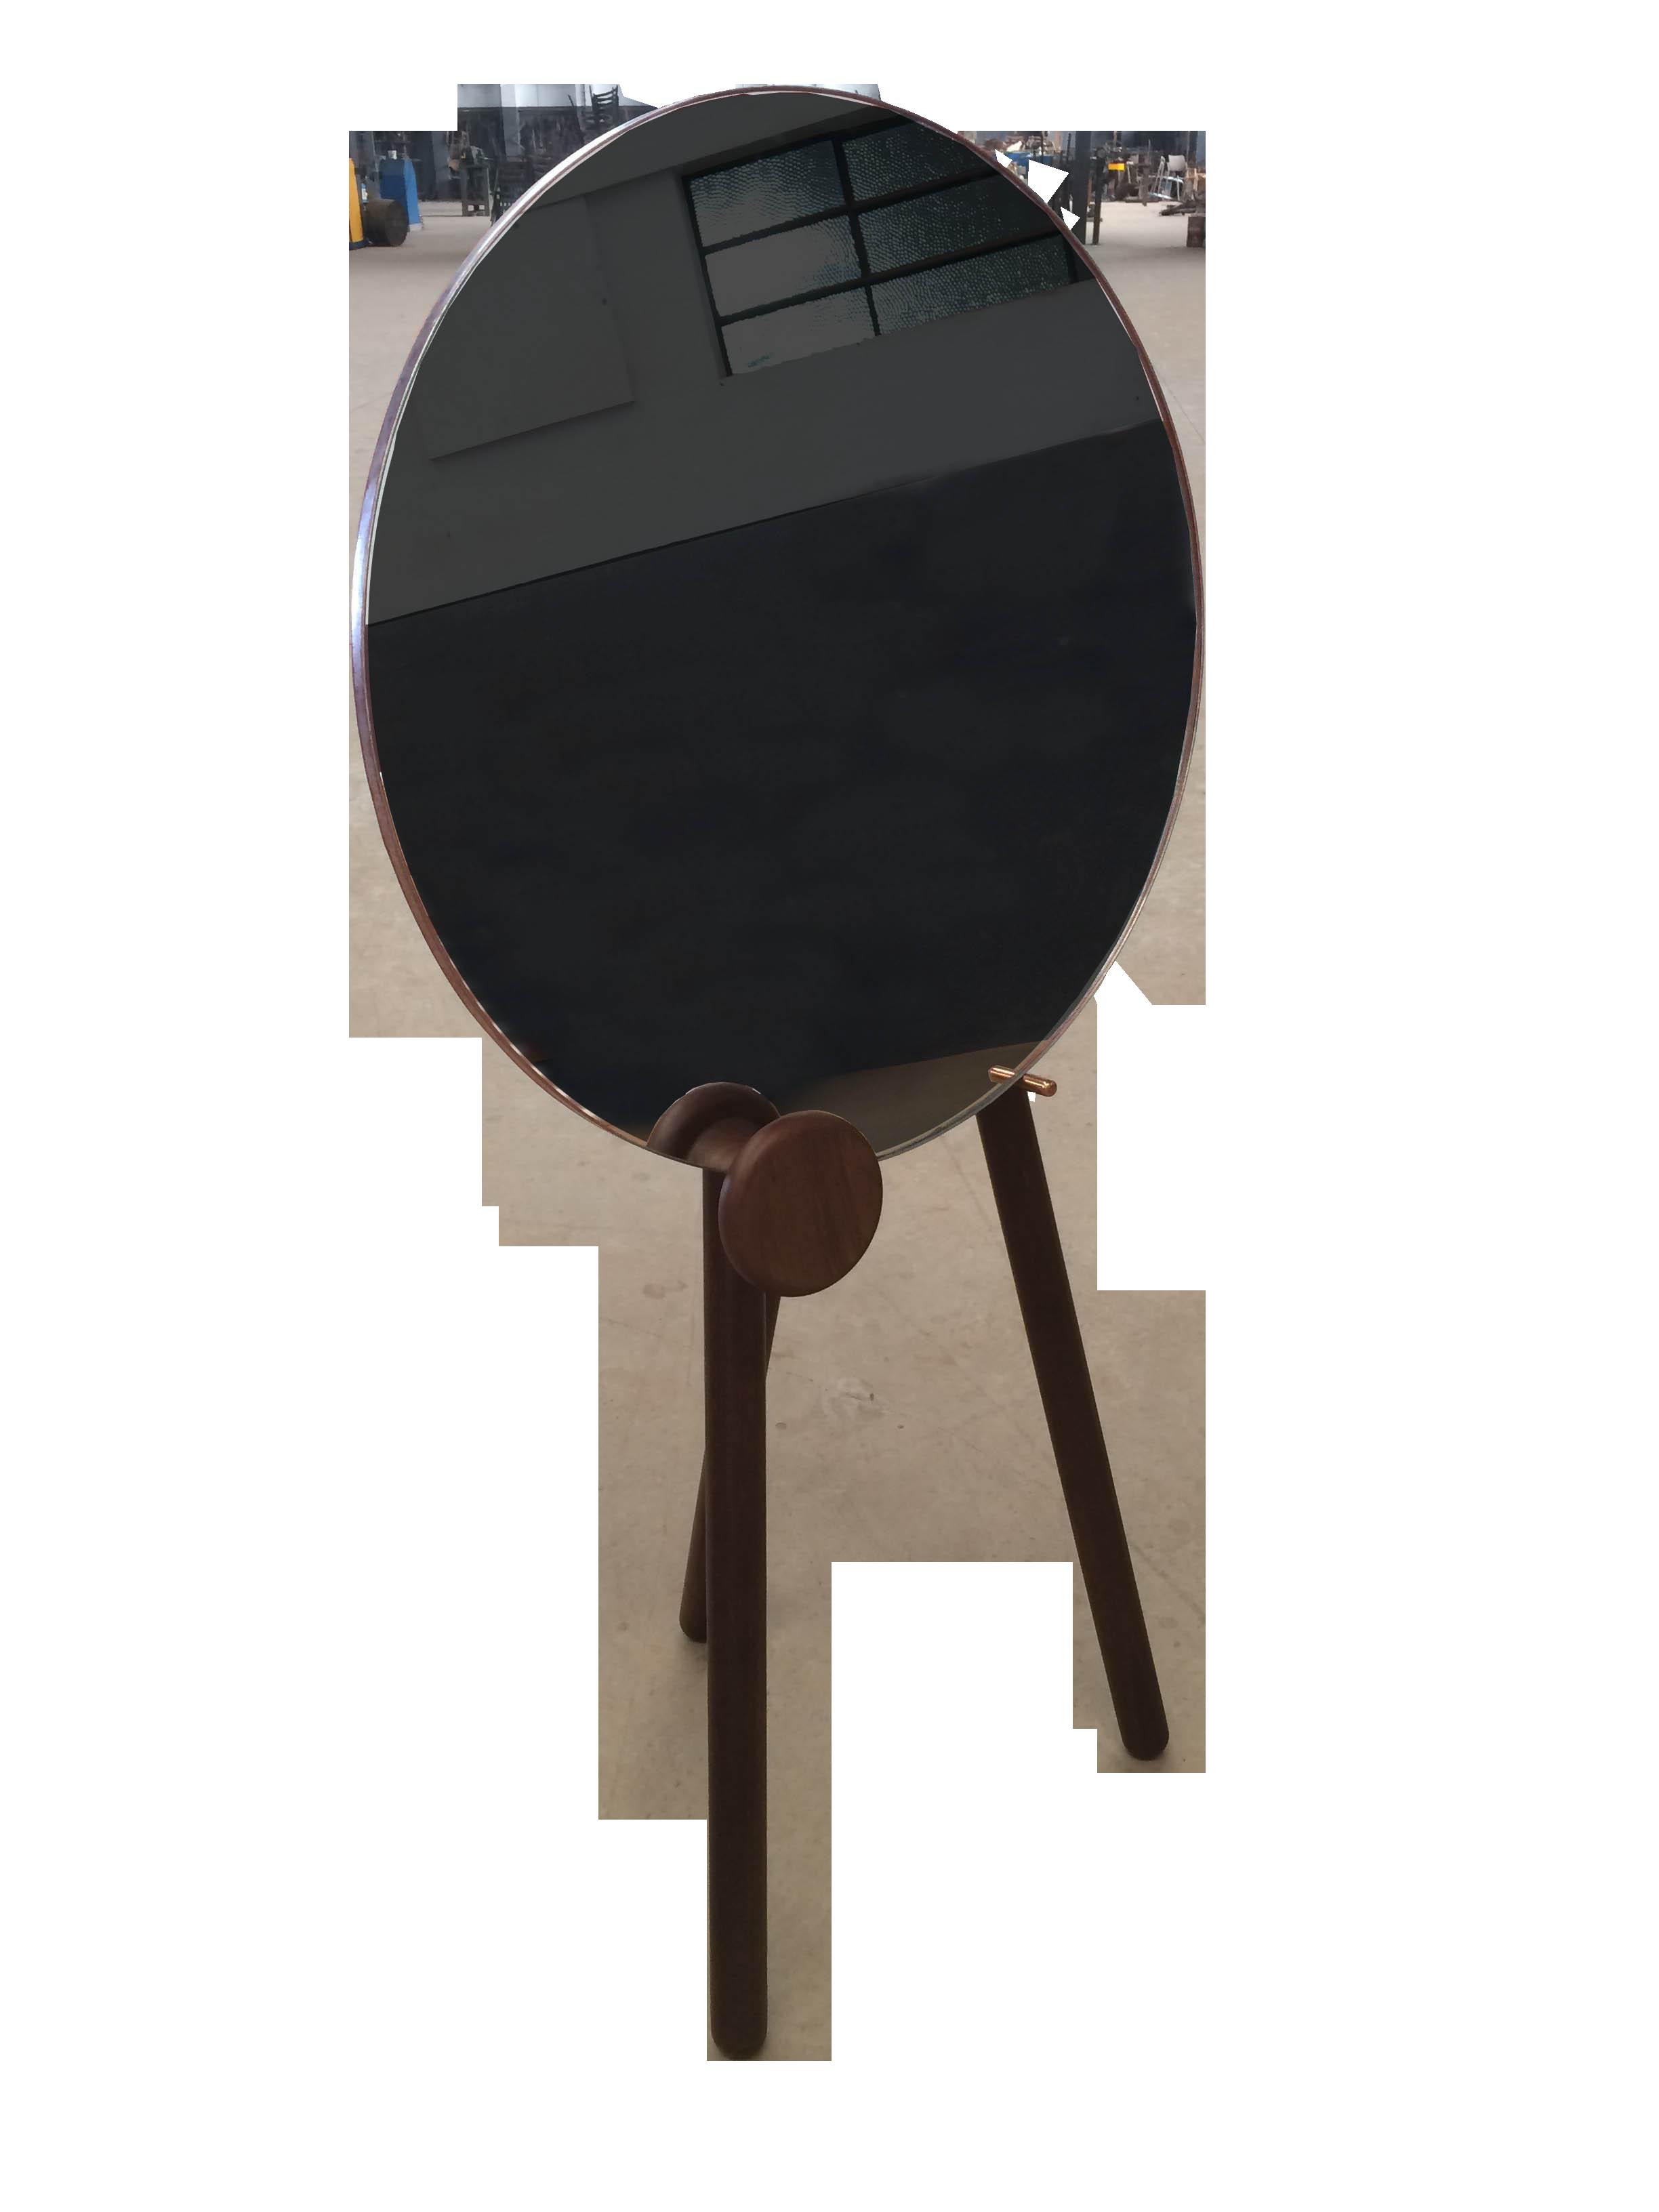 Mirror by Plataforma 4